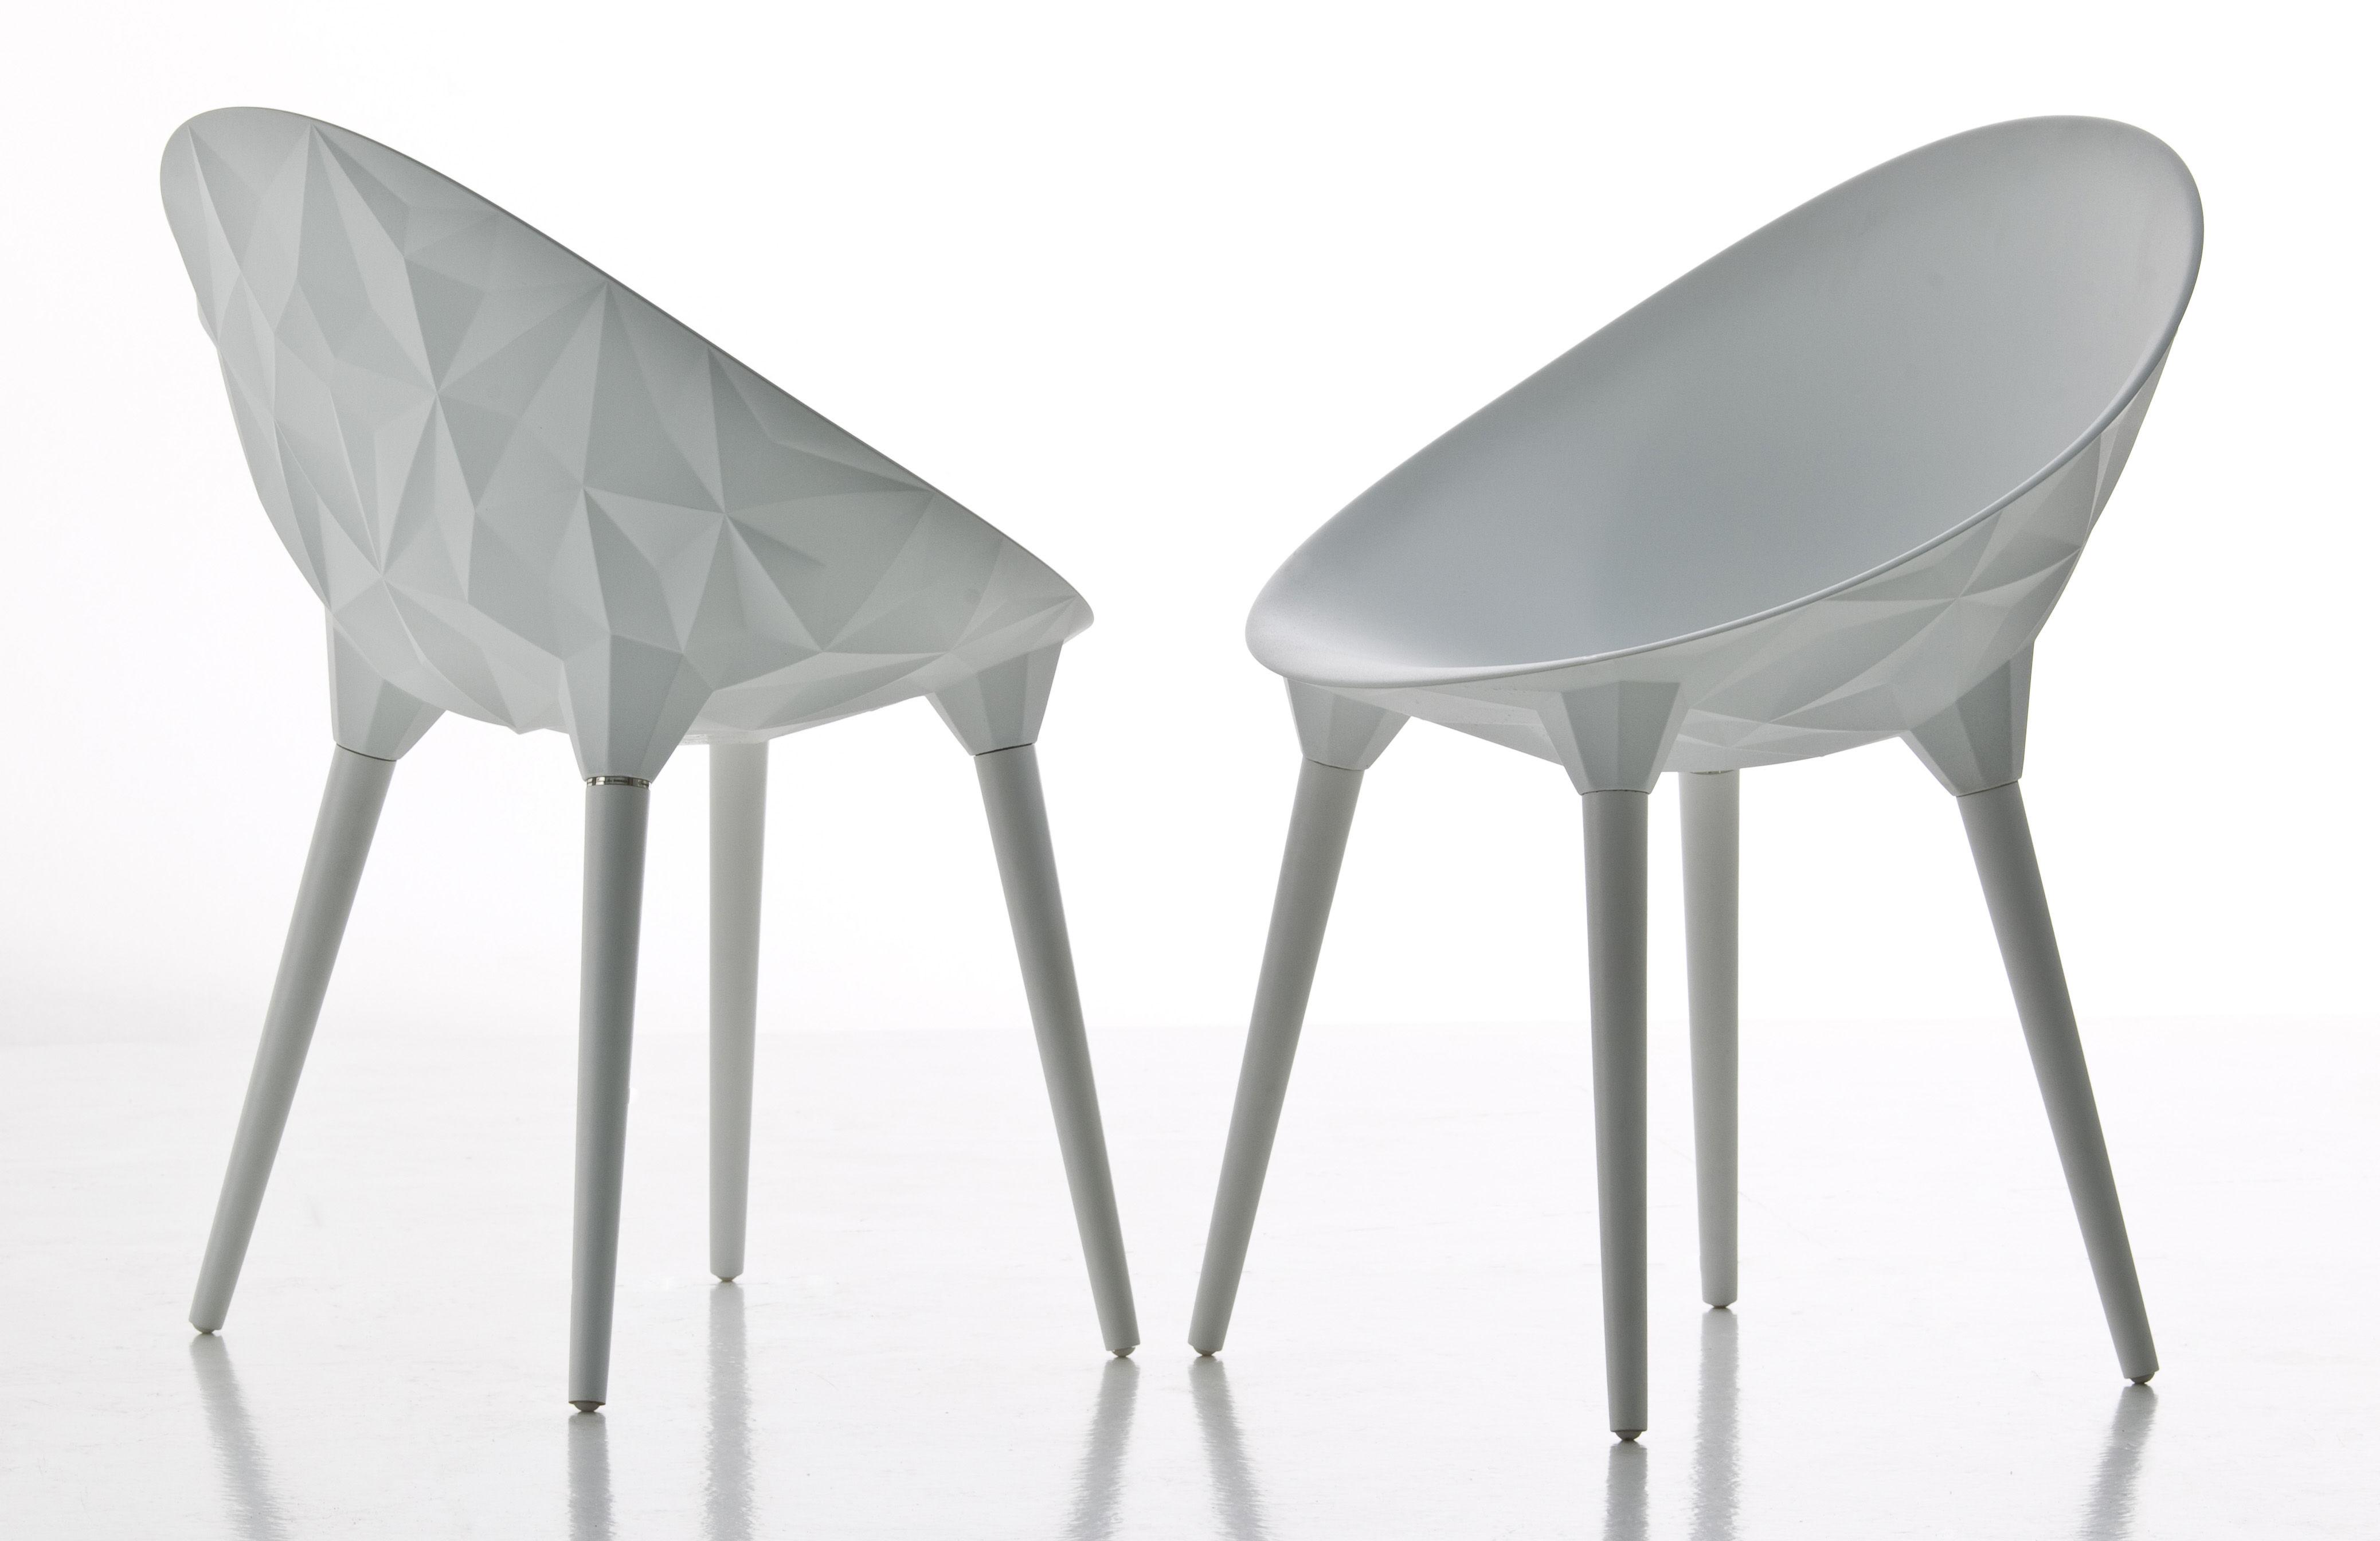 fauteuil rock coque plastique pieds bois noir diesel. Black Bedroom Furniture Sets. Home Design Ideas